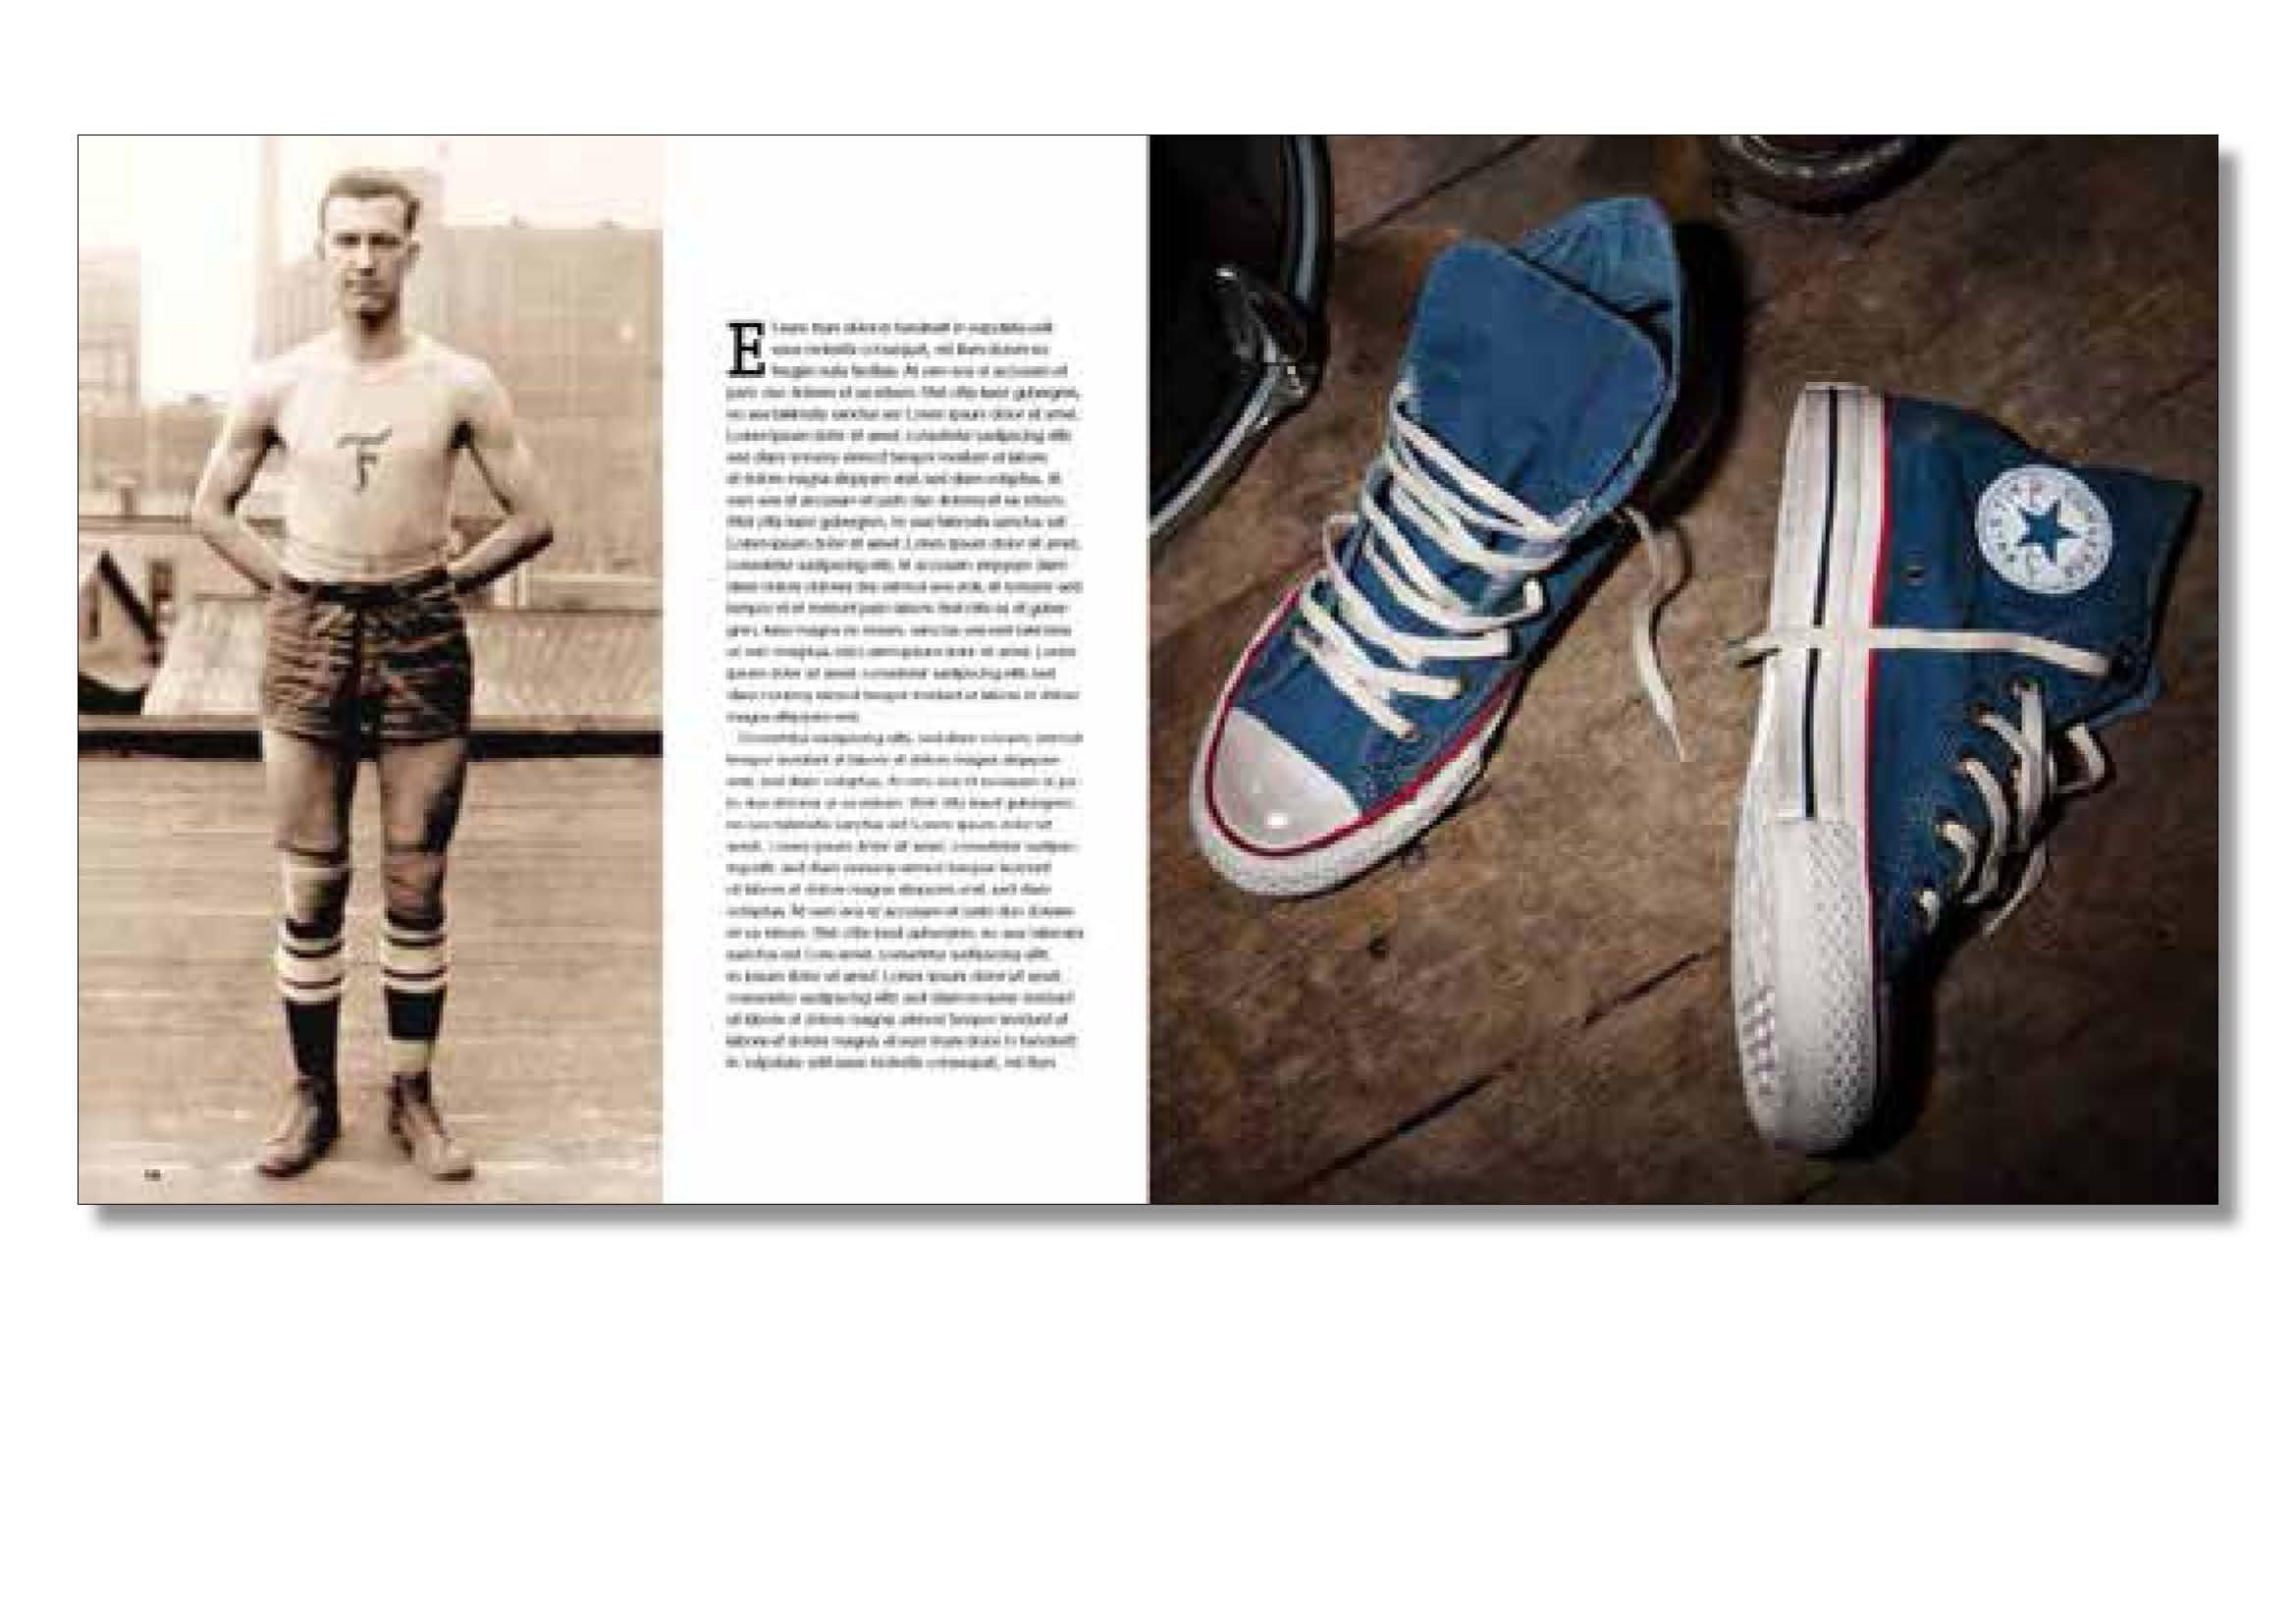 4e118cd7c0d93c Amazon.fr - Sneakers Story : Toutes les baskets qui ont marqué l'histoire -  Ben Osborne - Livres